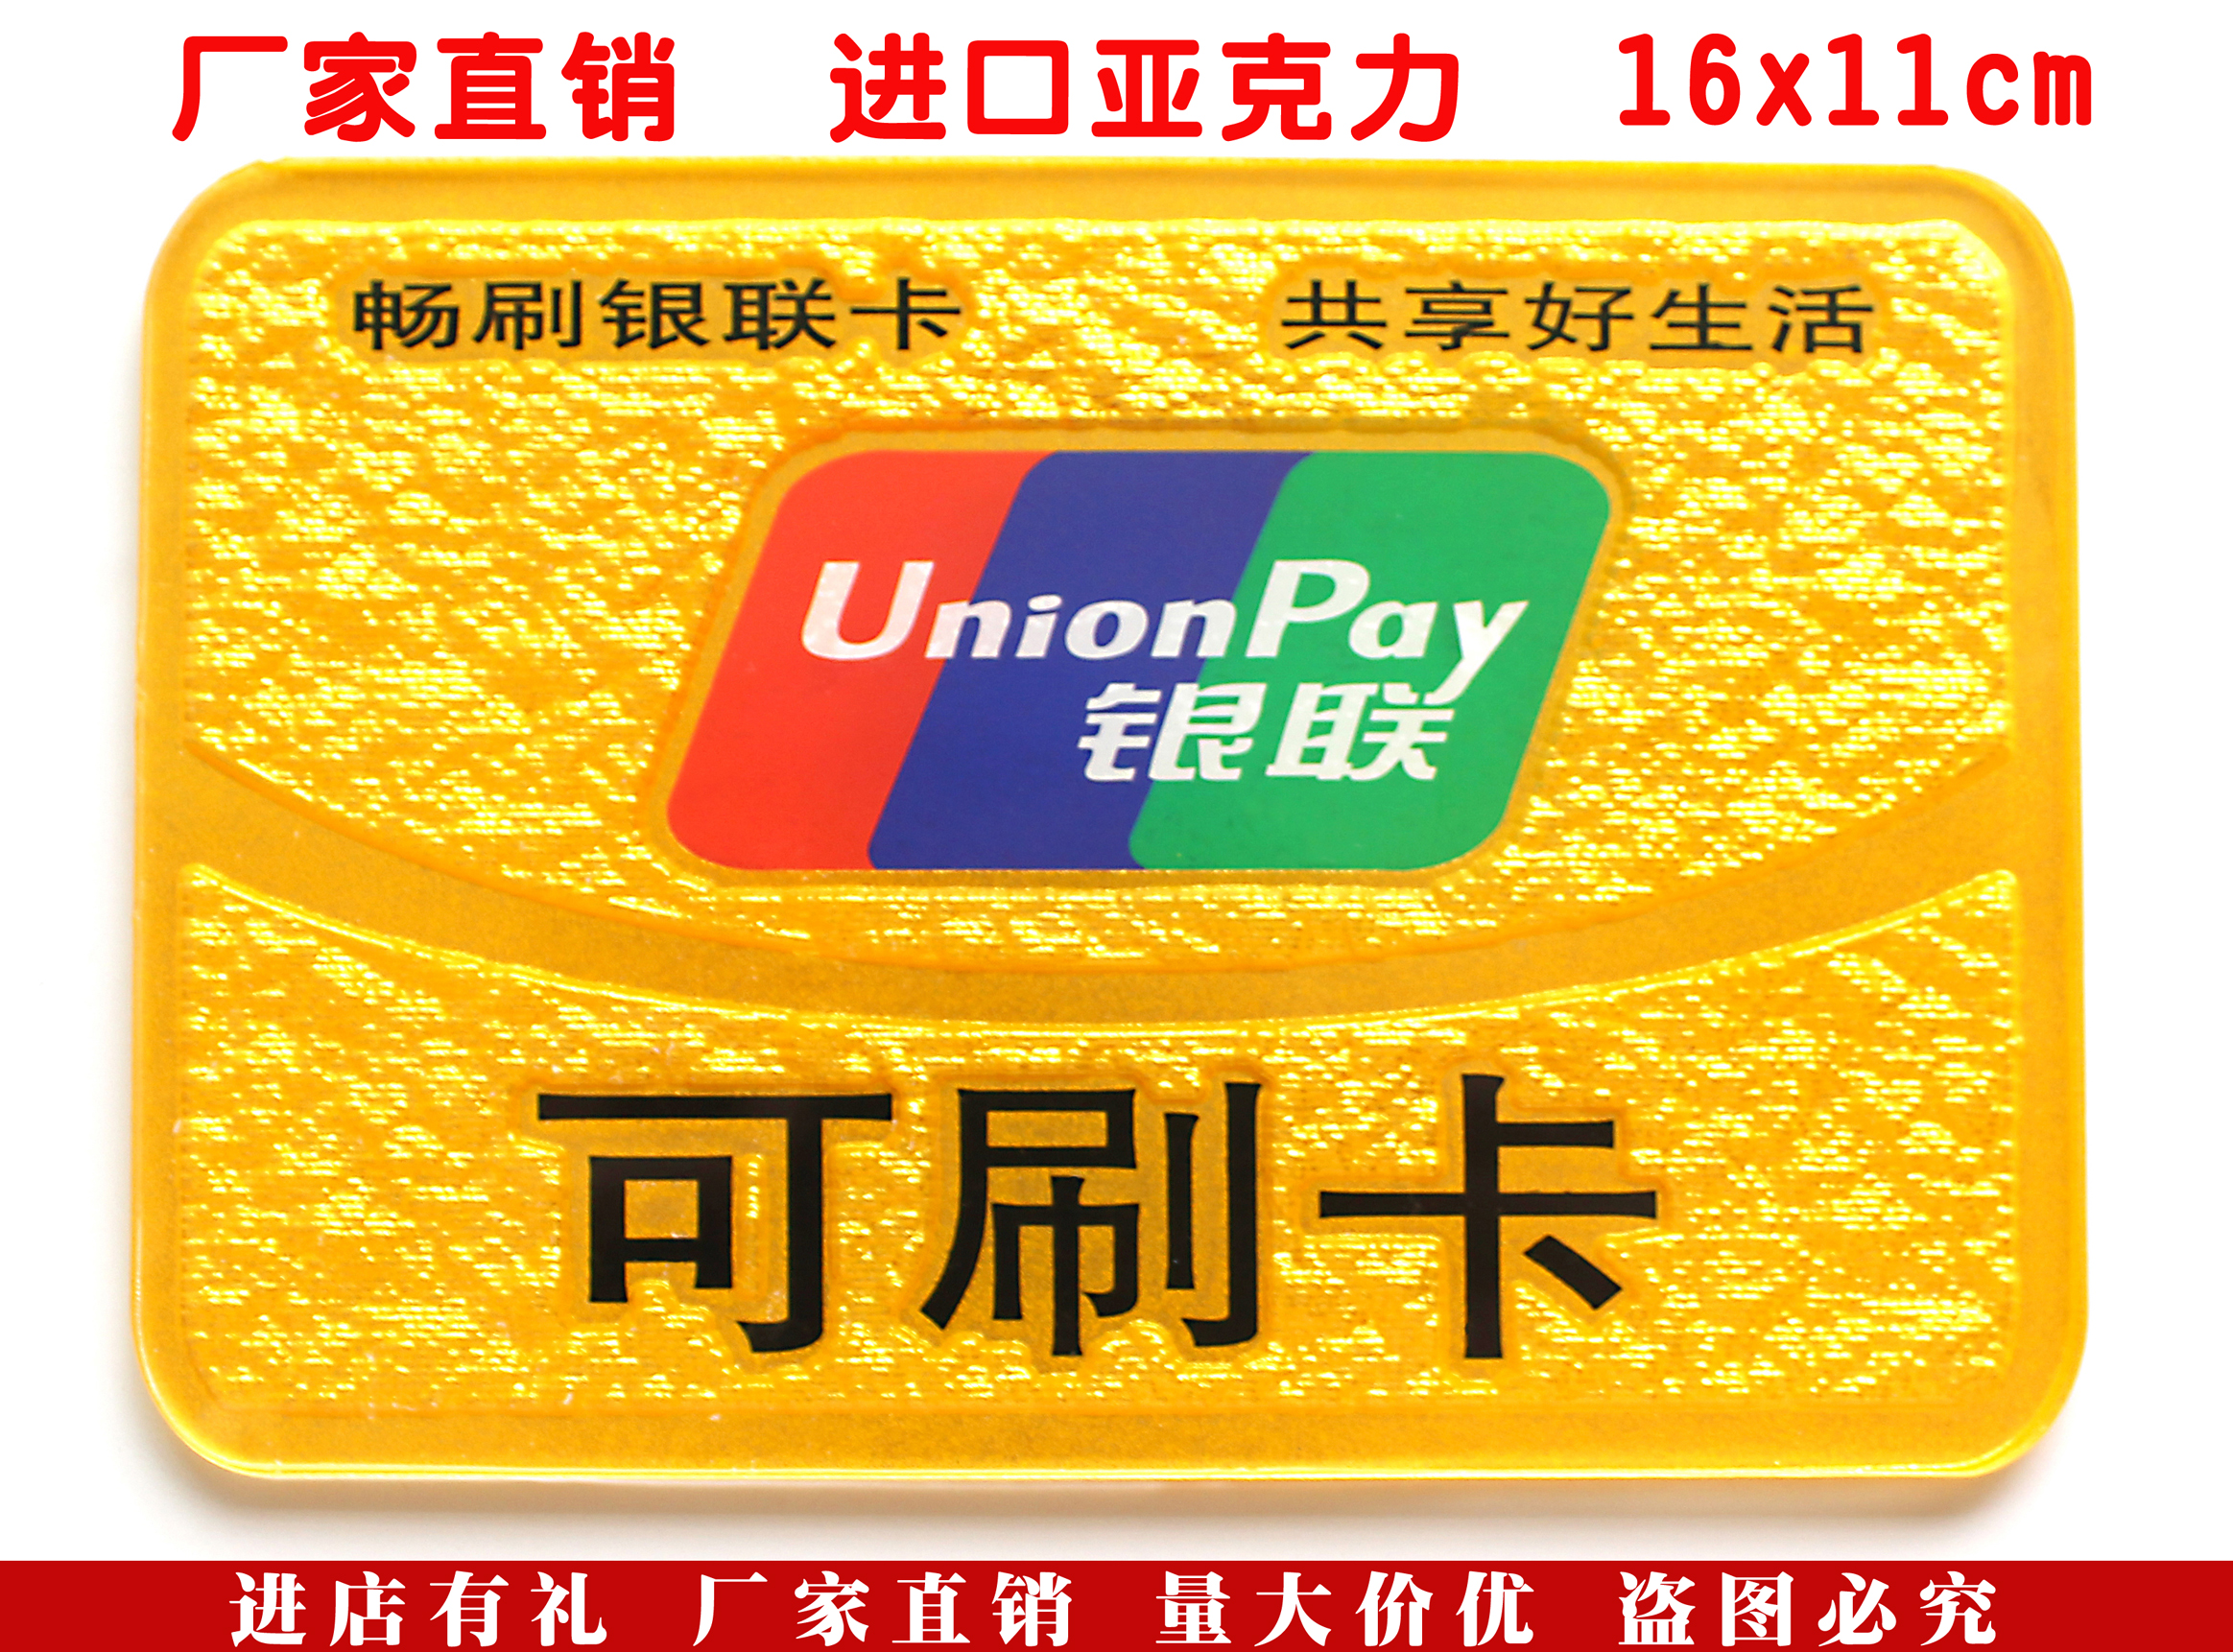 银联可刷卡标志牌信用卡门贴pos消费提示玻璃贴牌银联标识满包邮商品